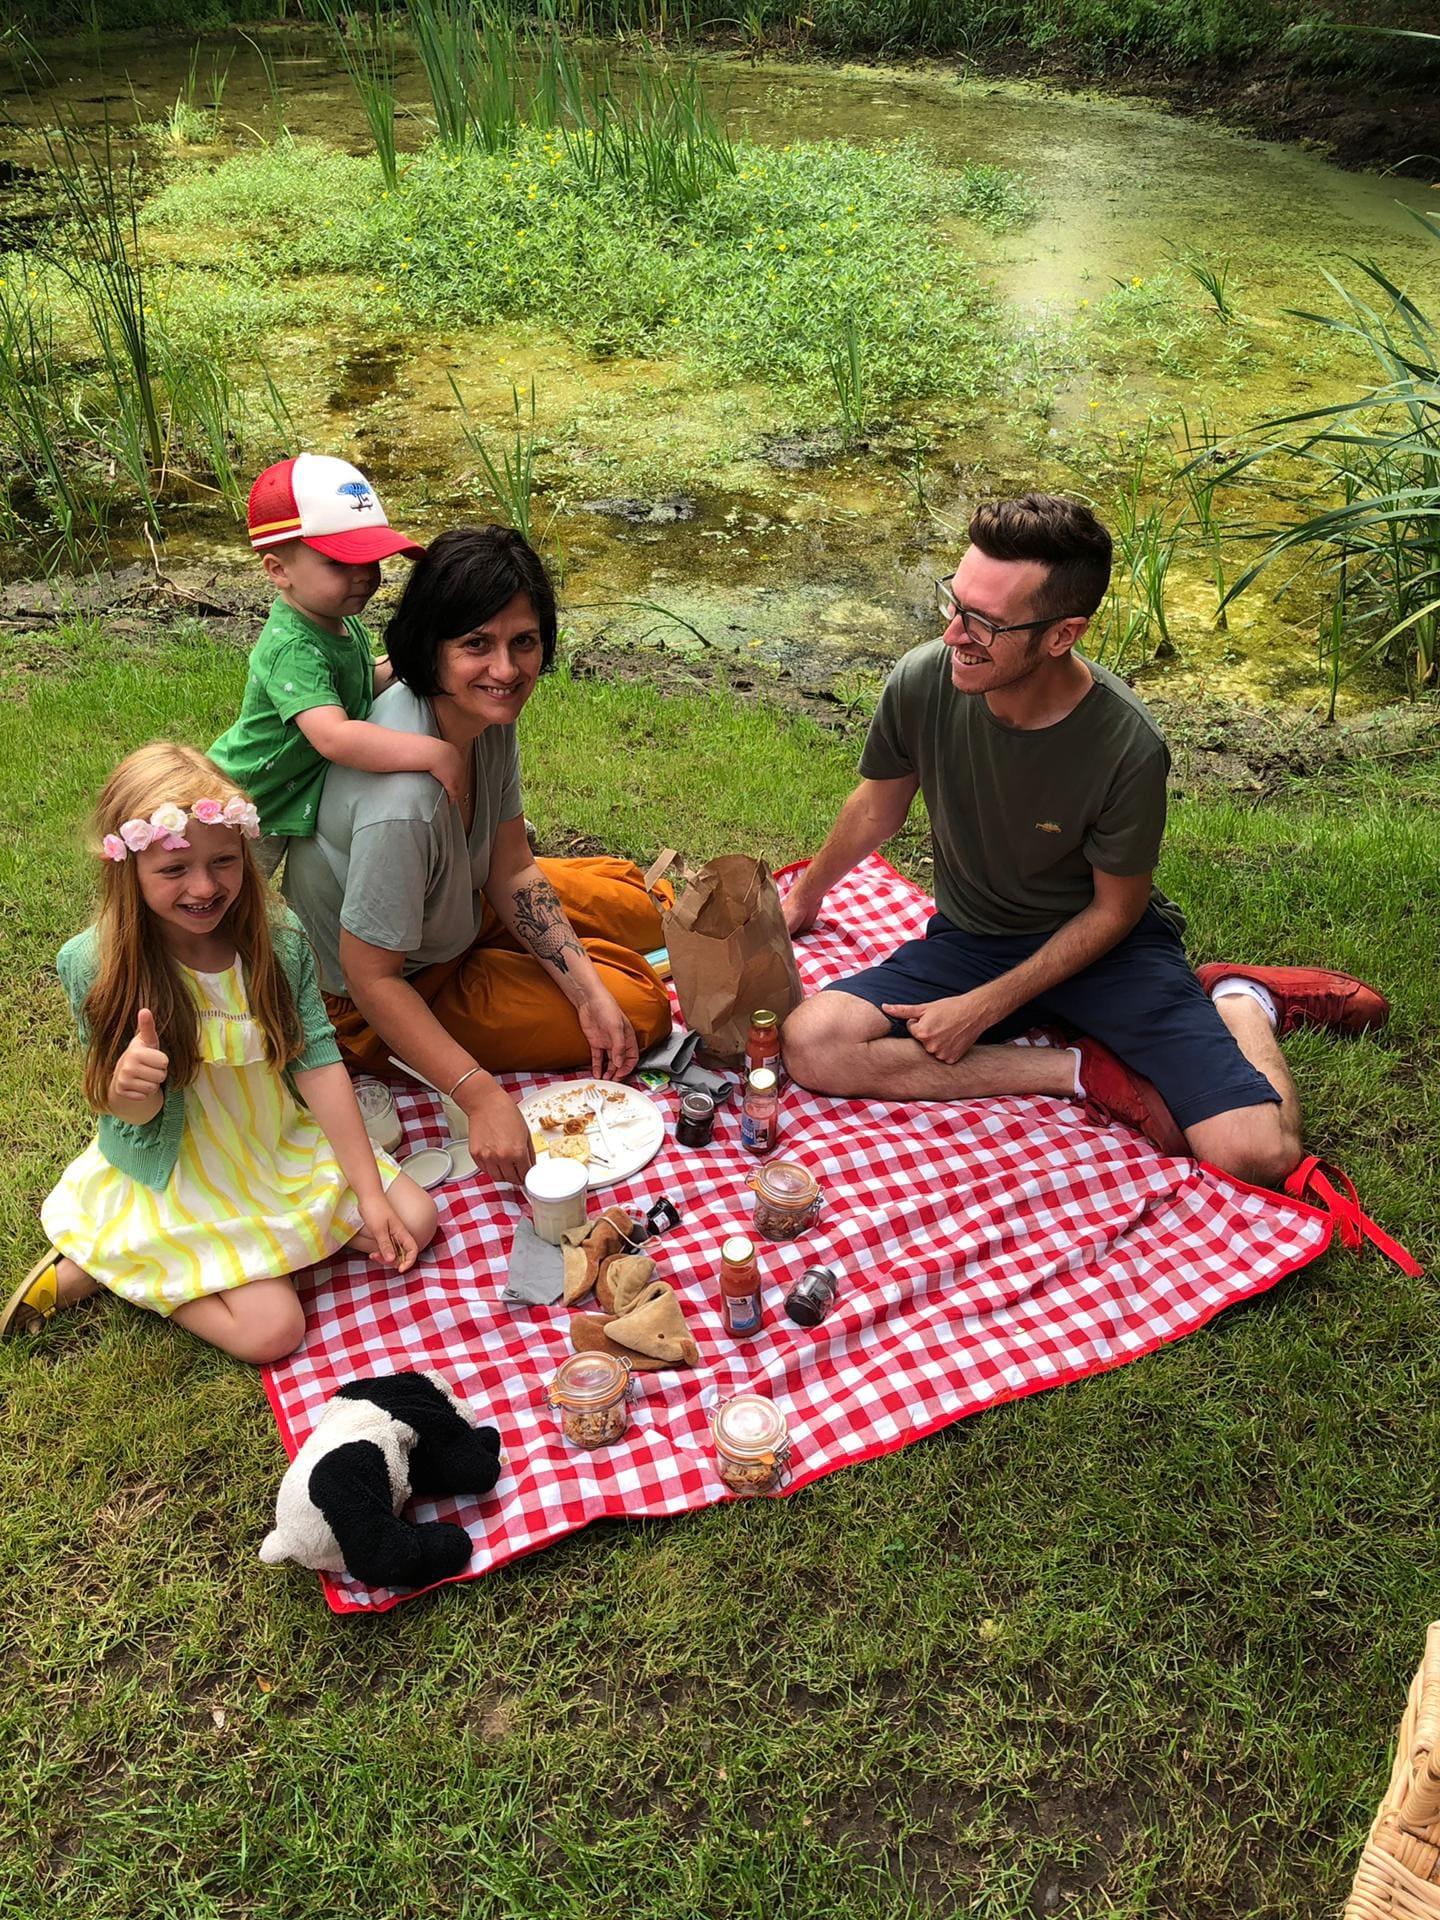 Eten & drinken Park Ven picknick vijver food natuur idyllisch Diepenbeek